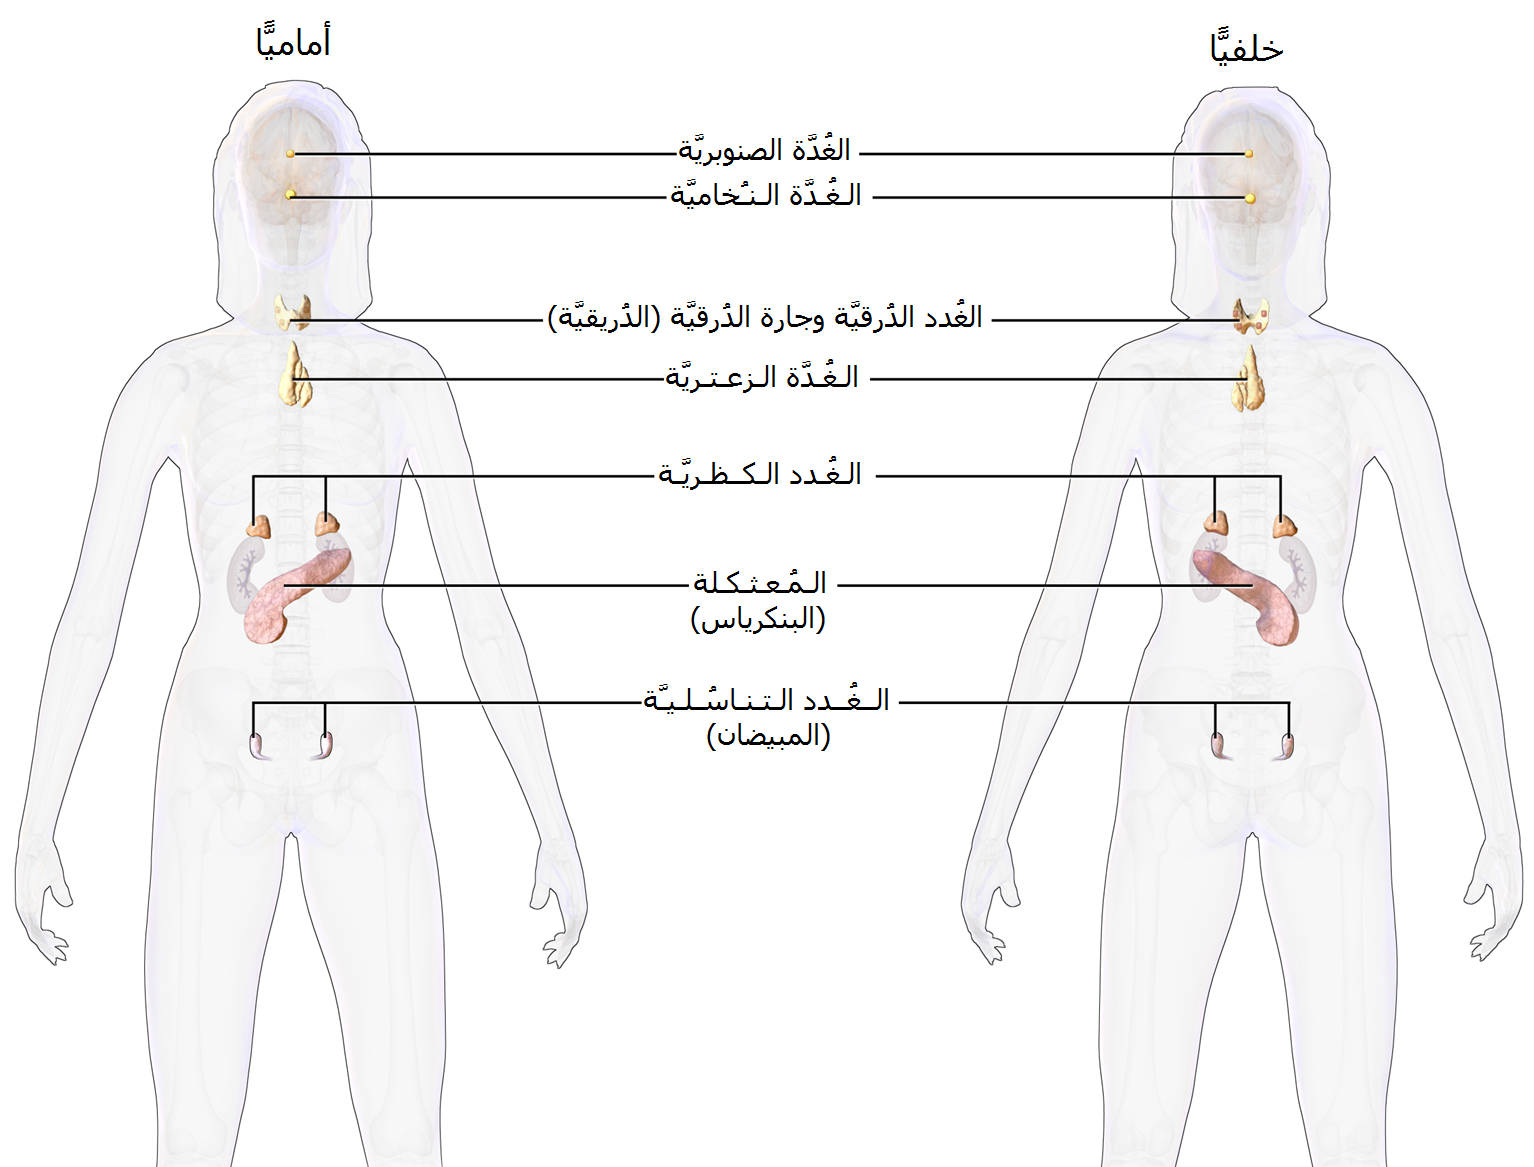 علم الغدد الصم ويكيبيديا